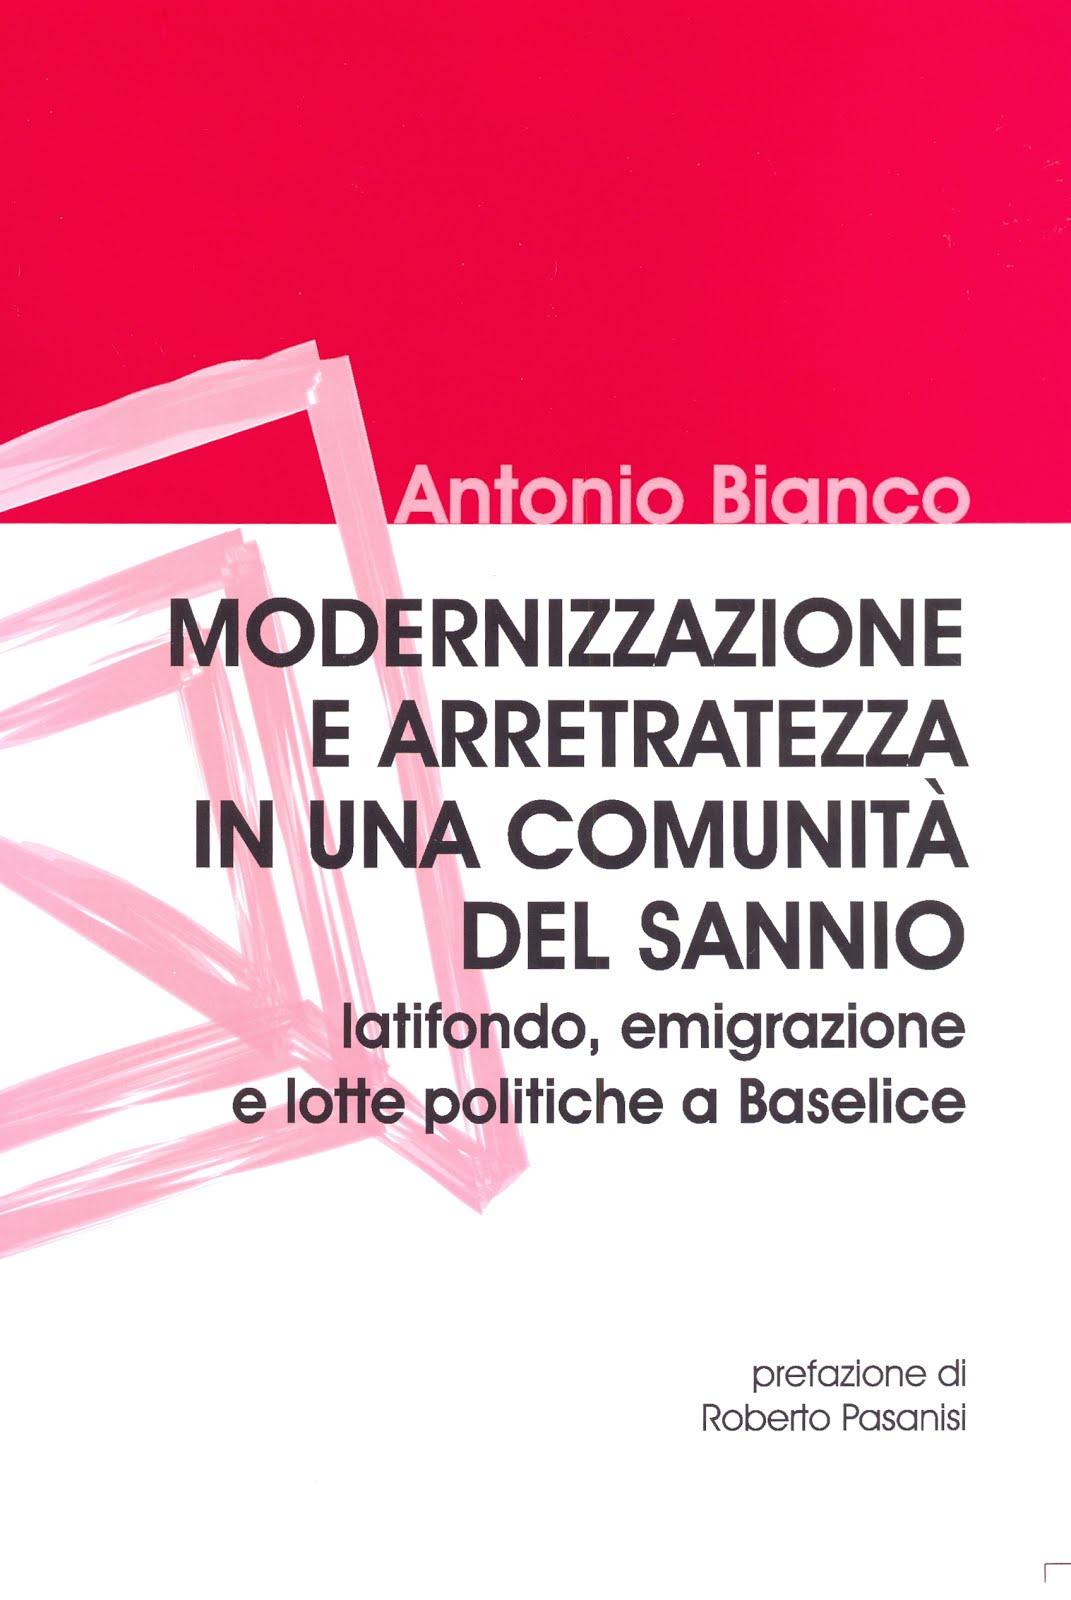 Modernizzazione e arretratezza in una comunità del Sannio